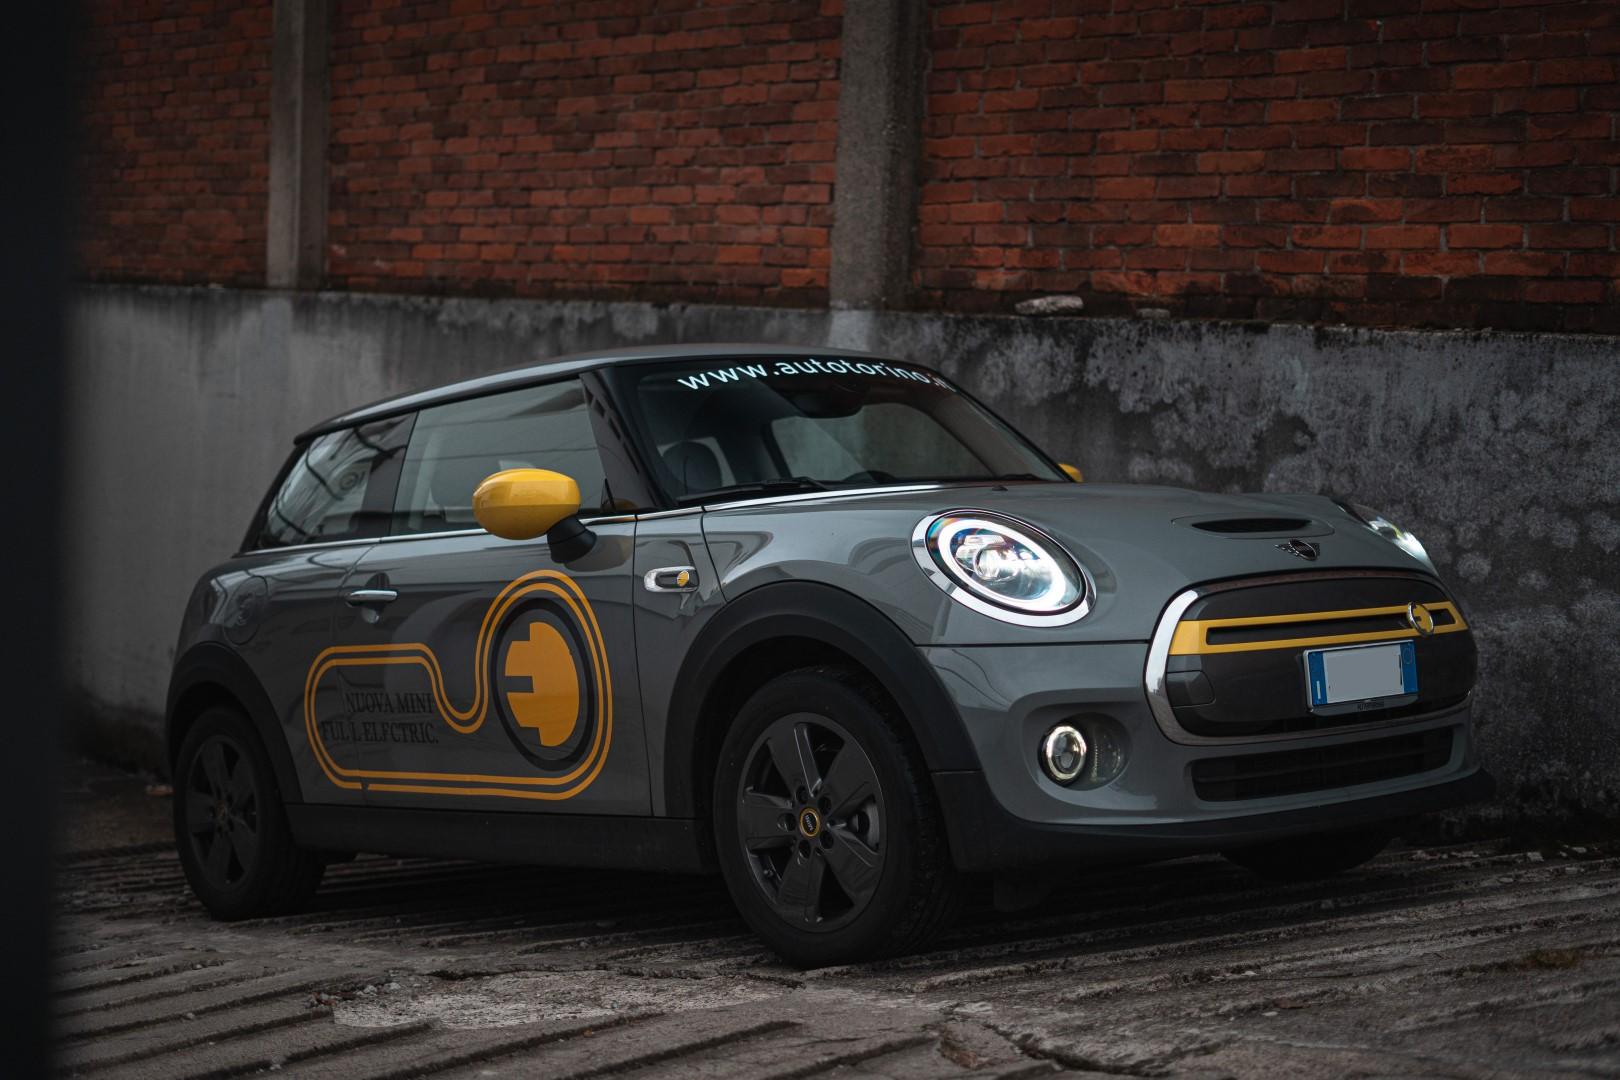 Auto: continua la crescita della mobilità elettrica, nei primi 5 mesi del 2021 +583,2% immatricolazioni